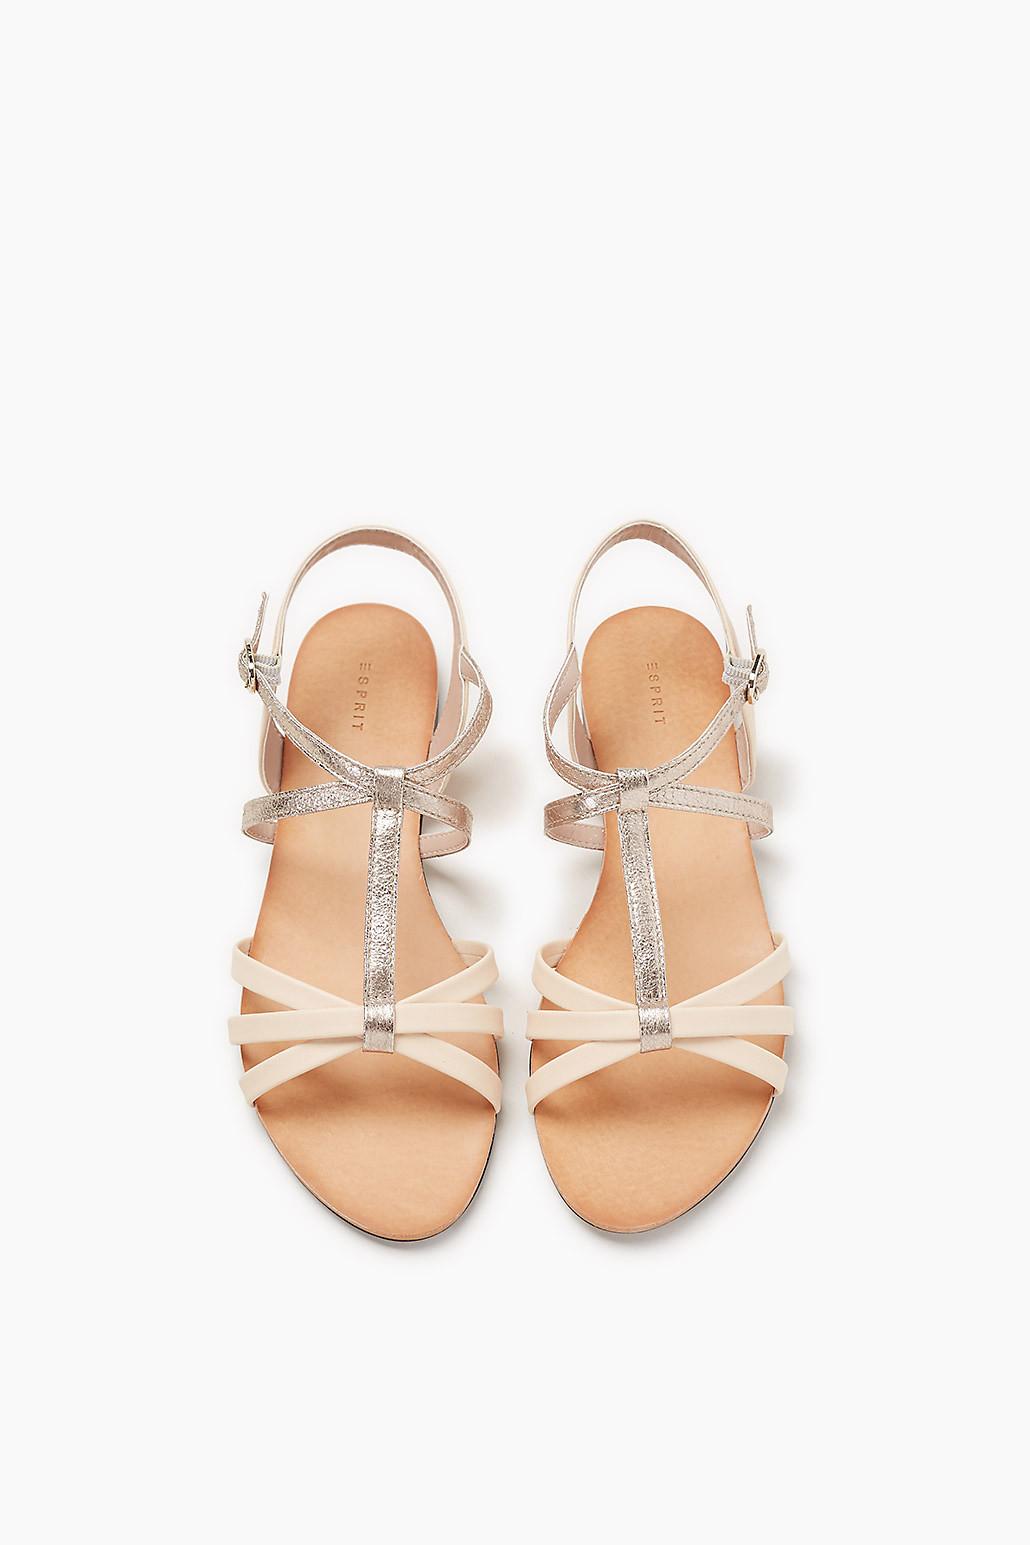 http://www.esprit.fr/femmes-chaussures/sandales-plates-à-bride-en-t-047EK1W004_280